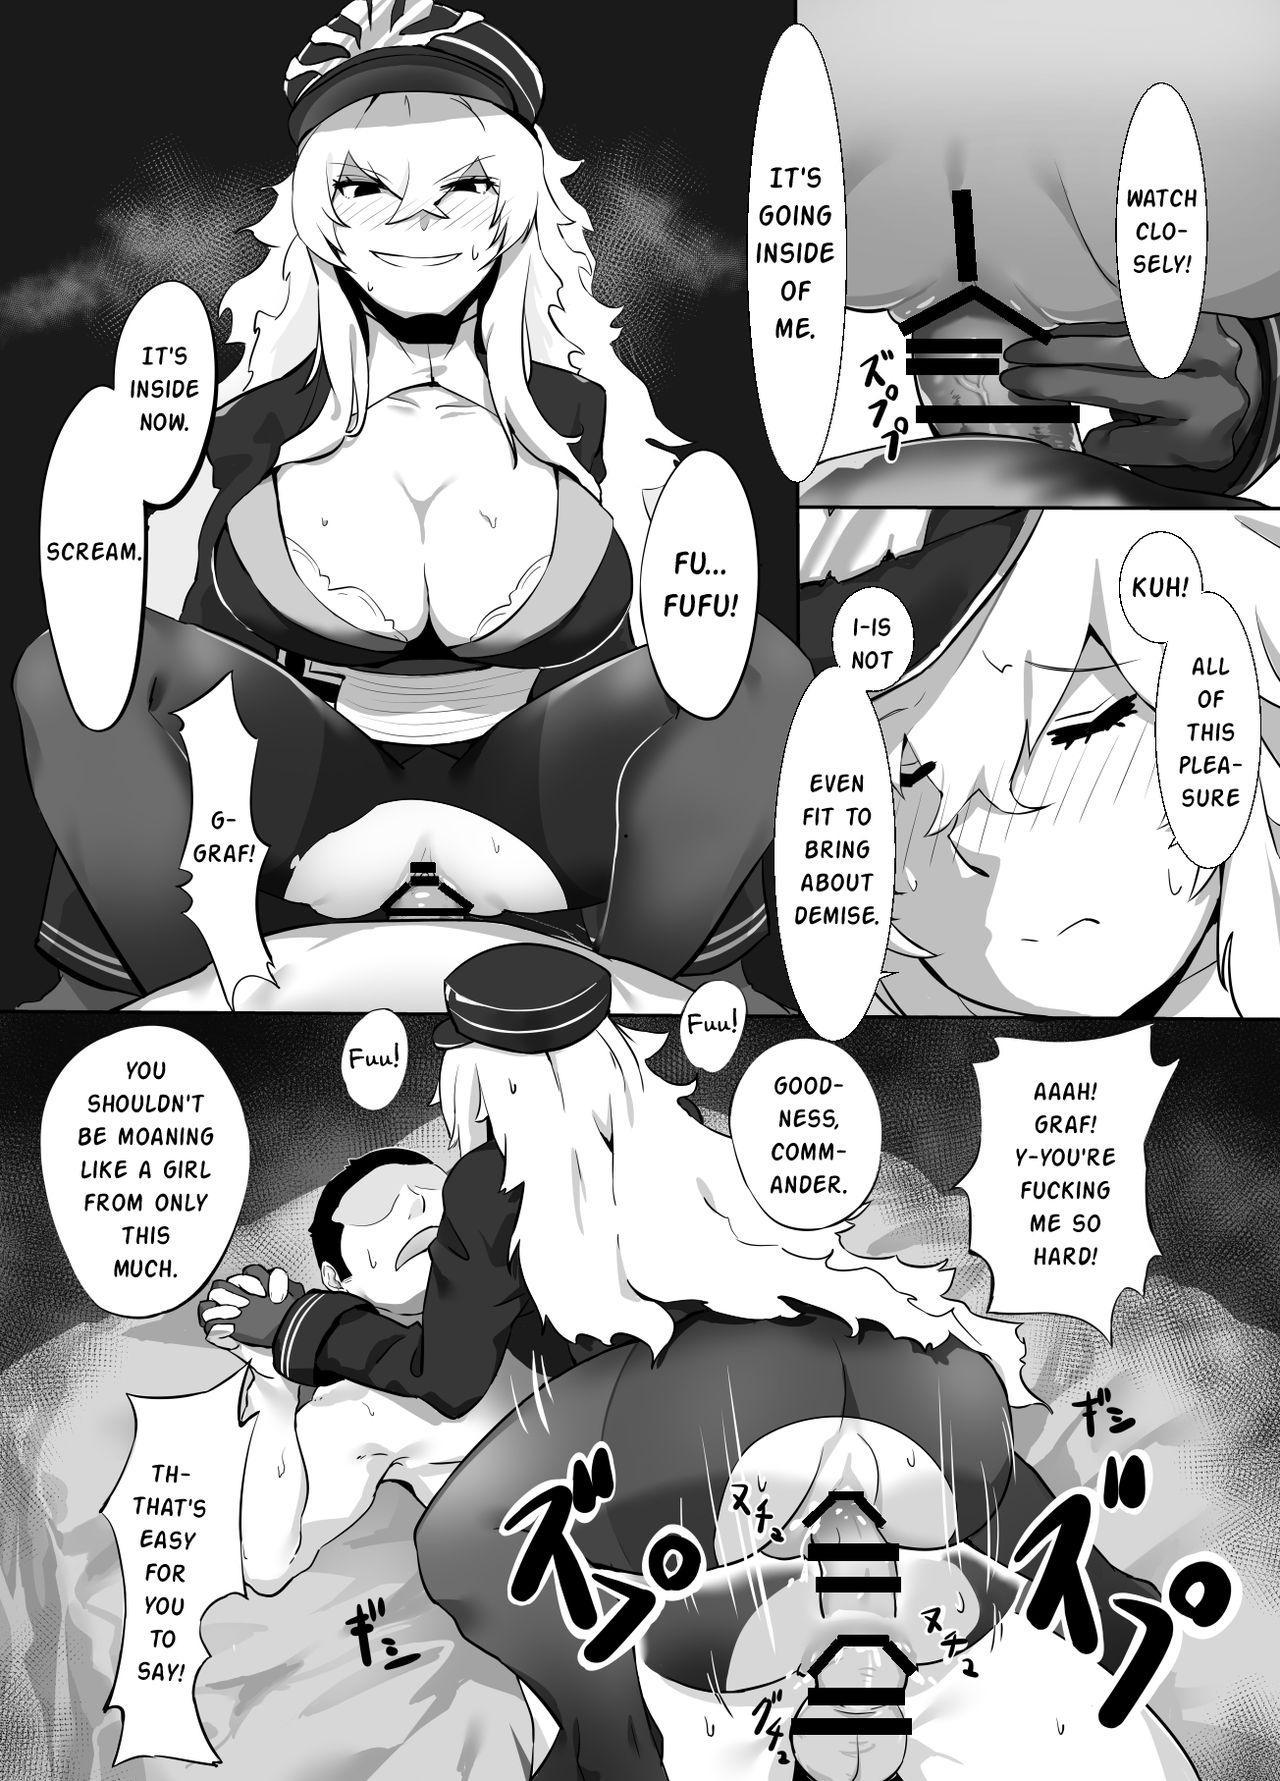 Futari no Nikusube no Tamashii ga Irekawari Anal 3P Sex Suru Hon 2